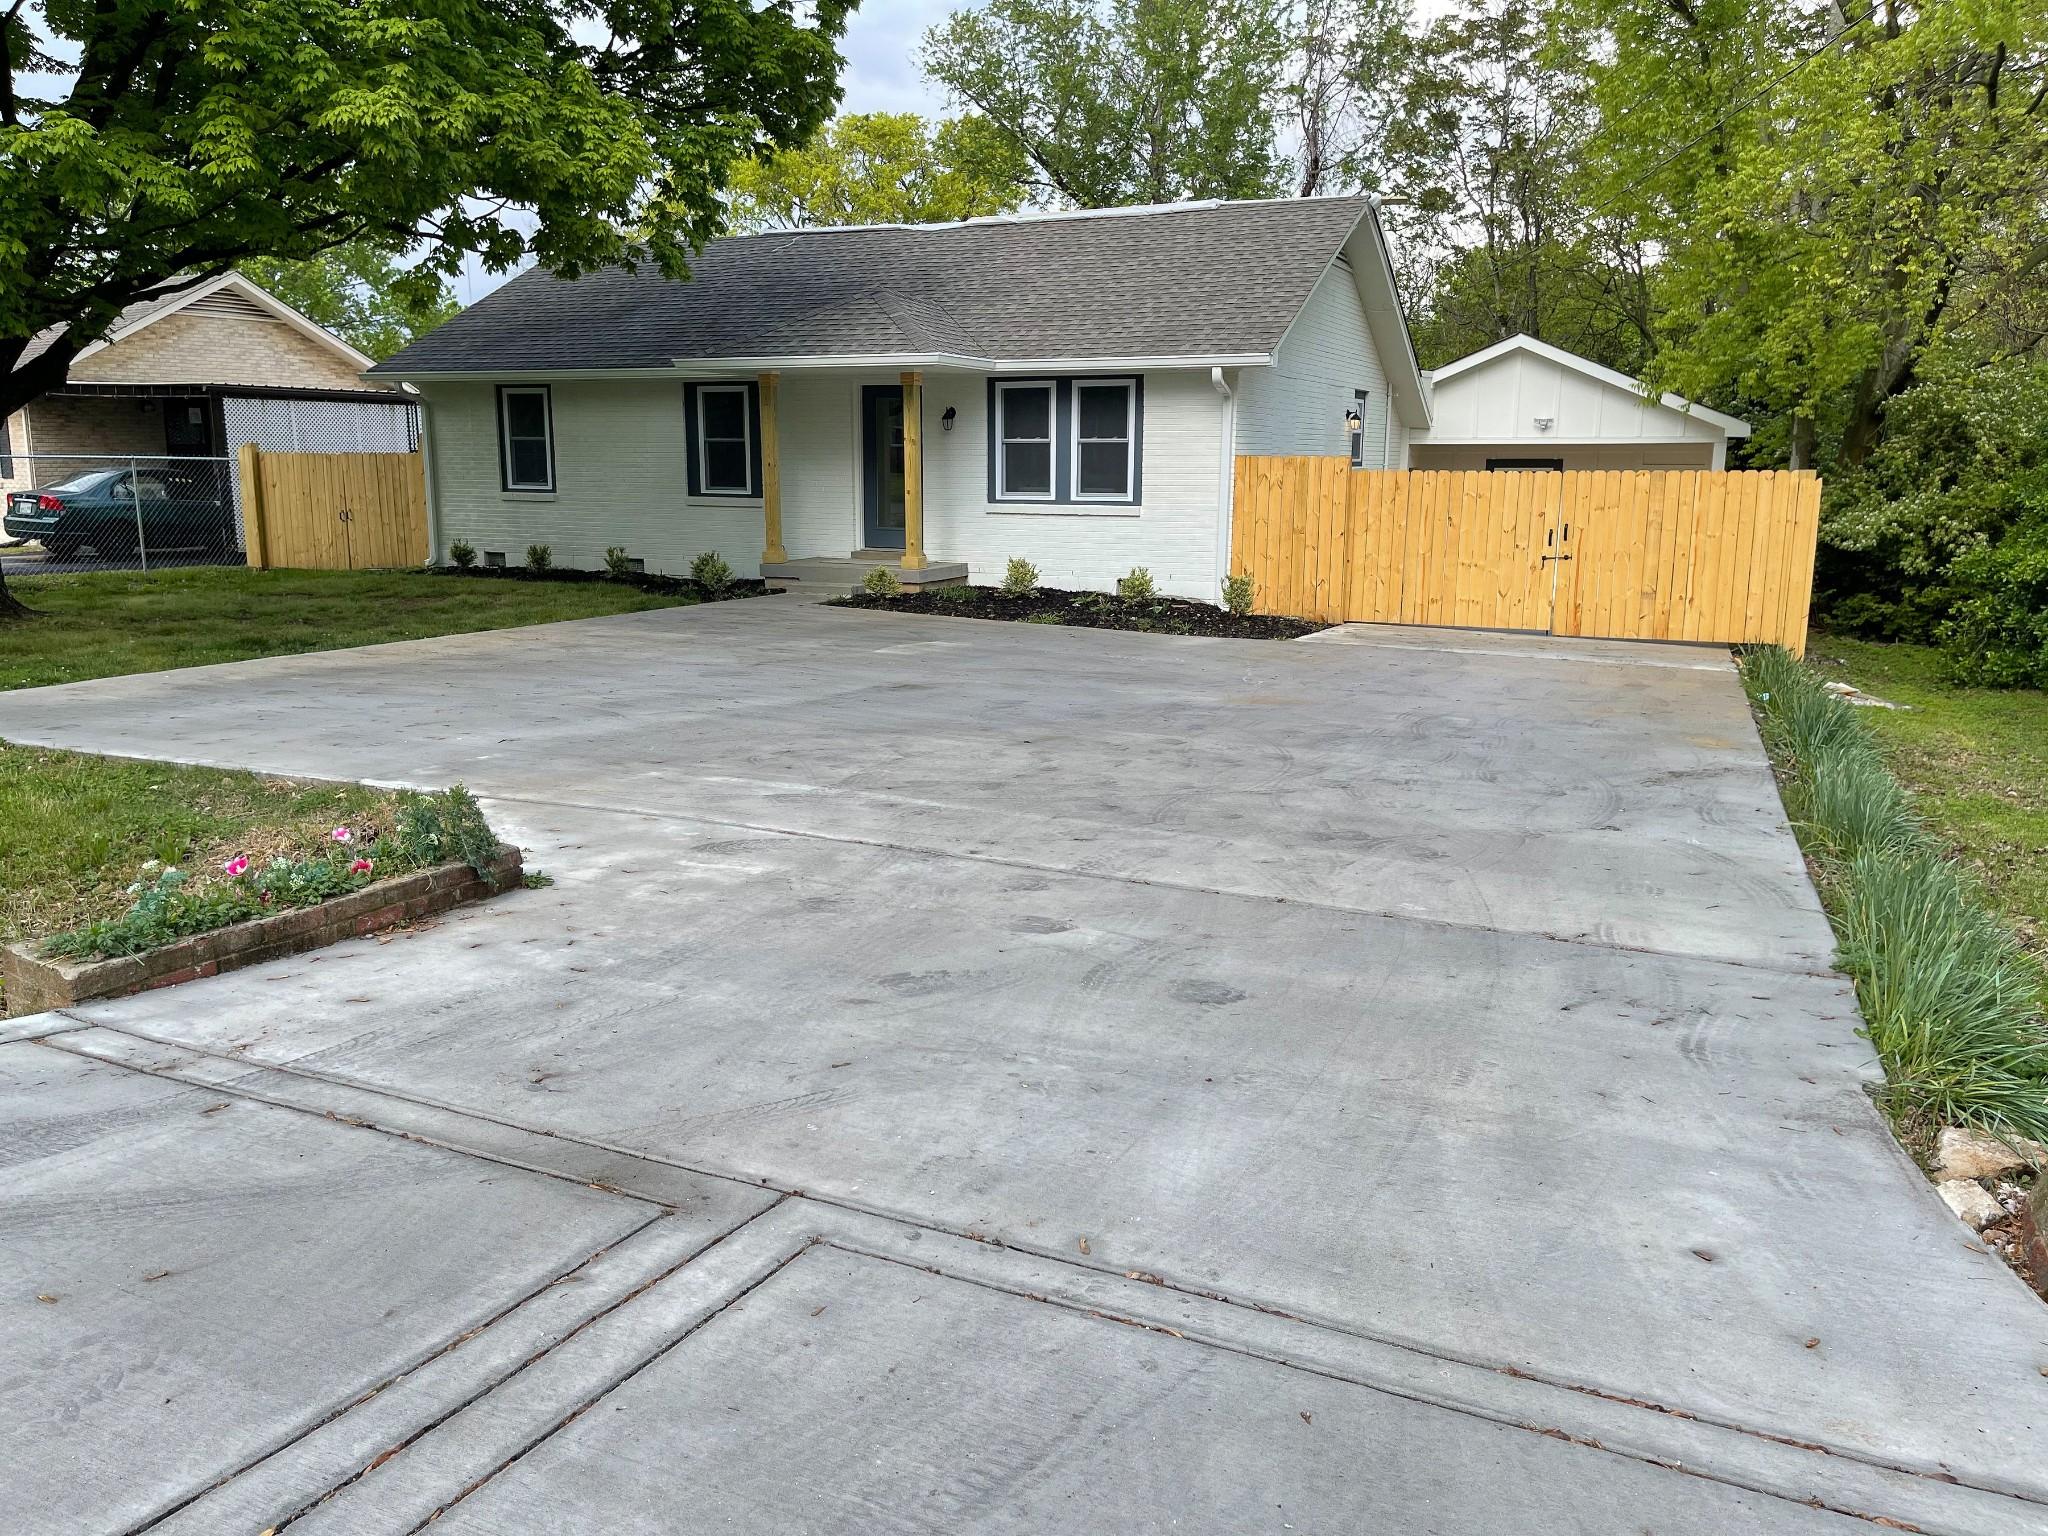 204 Dodge Dr Property Photo - Nashville, TN real estate listing